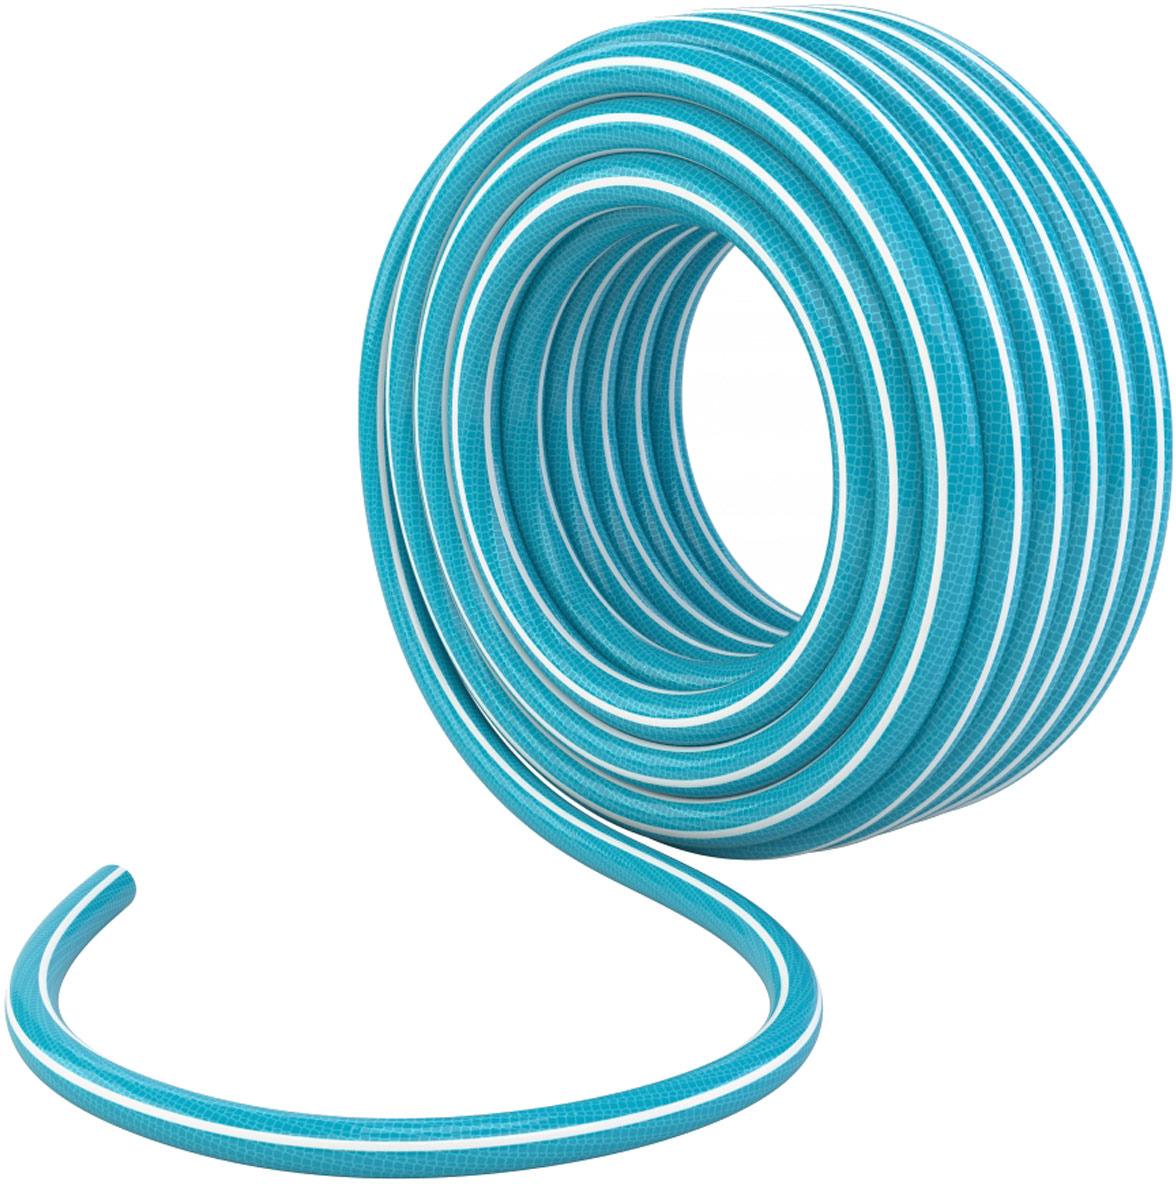 Шланг поливочный Palisad, цвет: голубой, 4 слойный 1/2, длина 25 м. 67636 ножницы palisad 60573